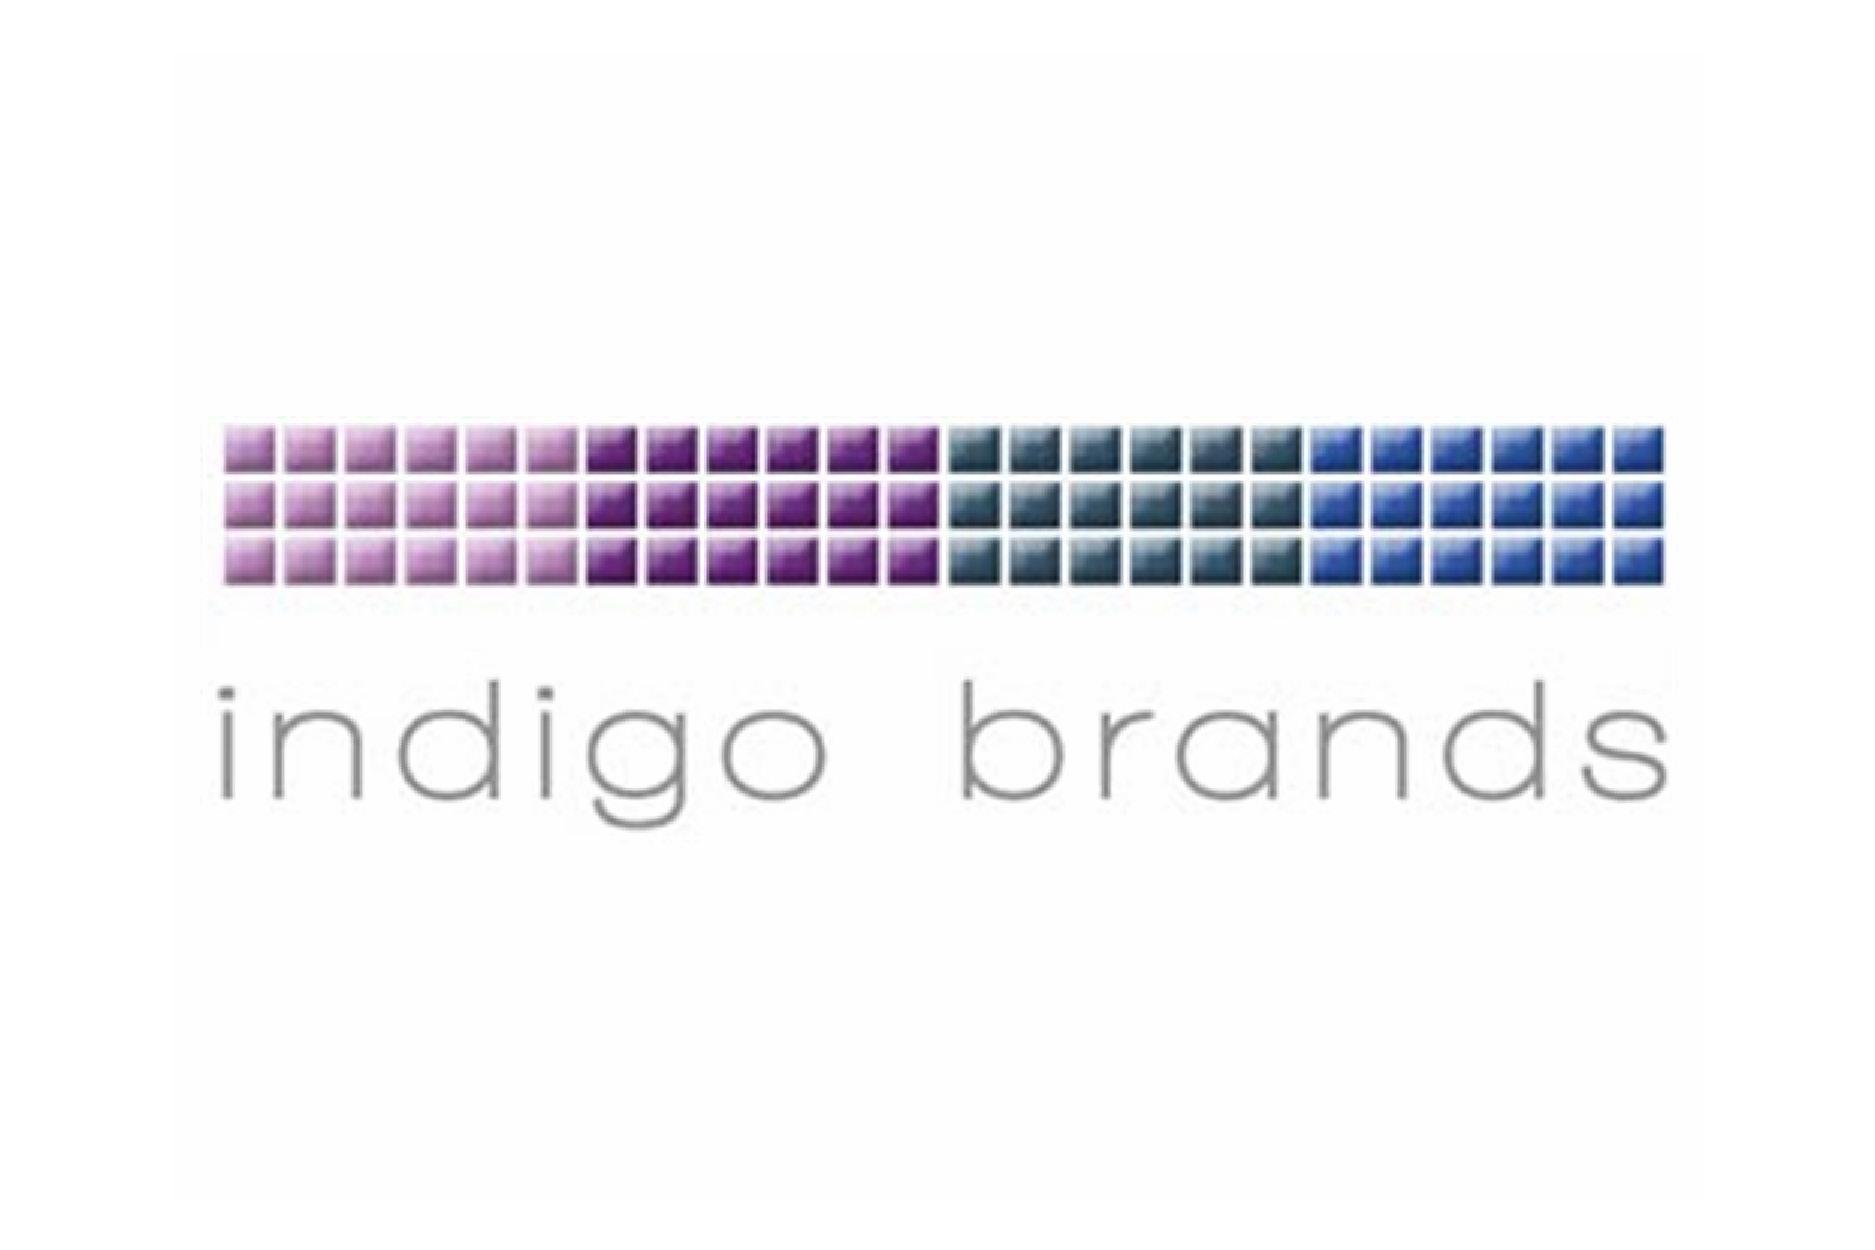 Indigo_brands_logo